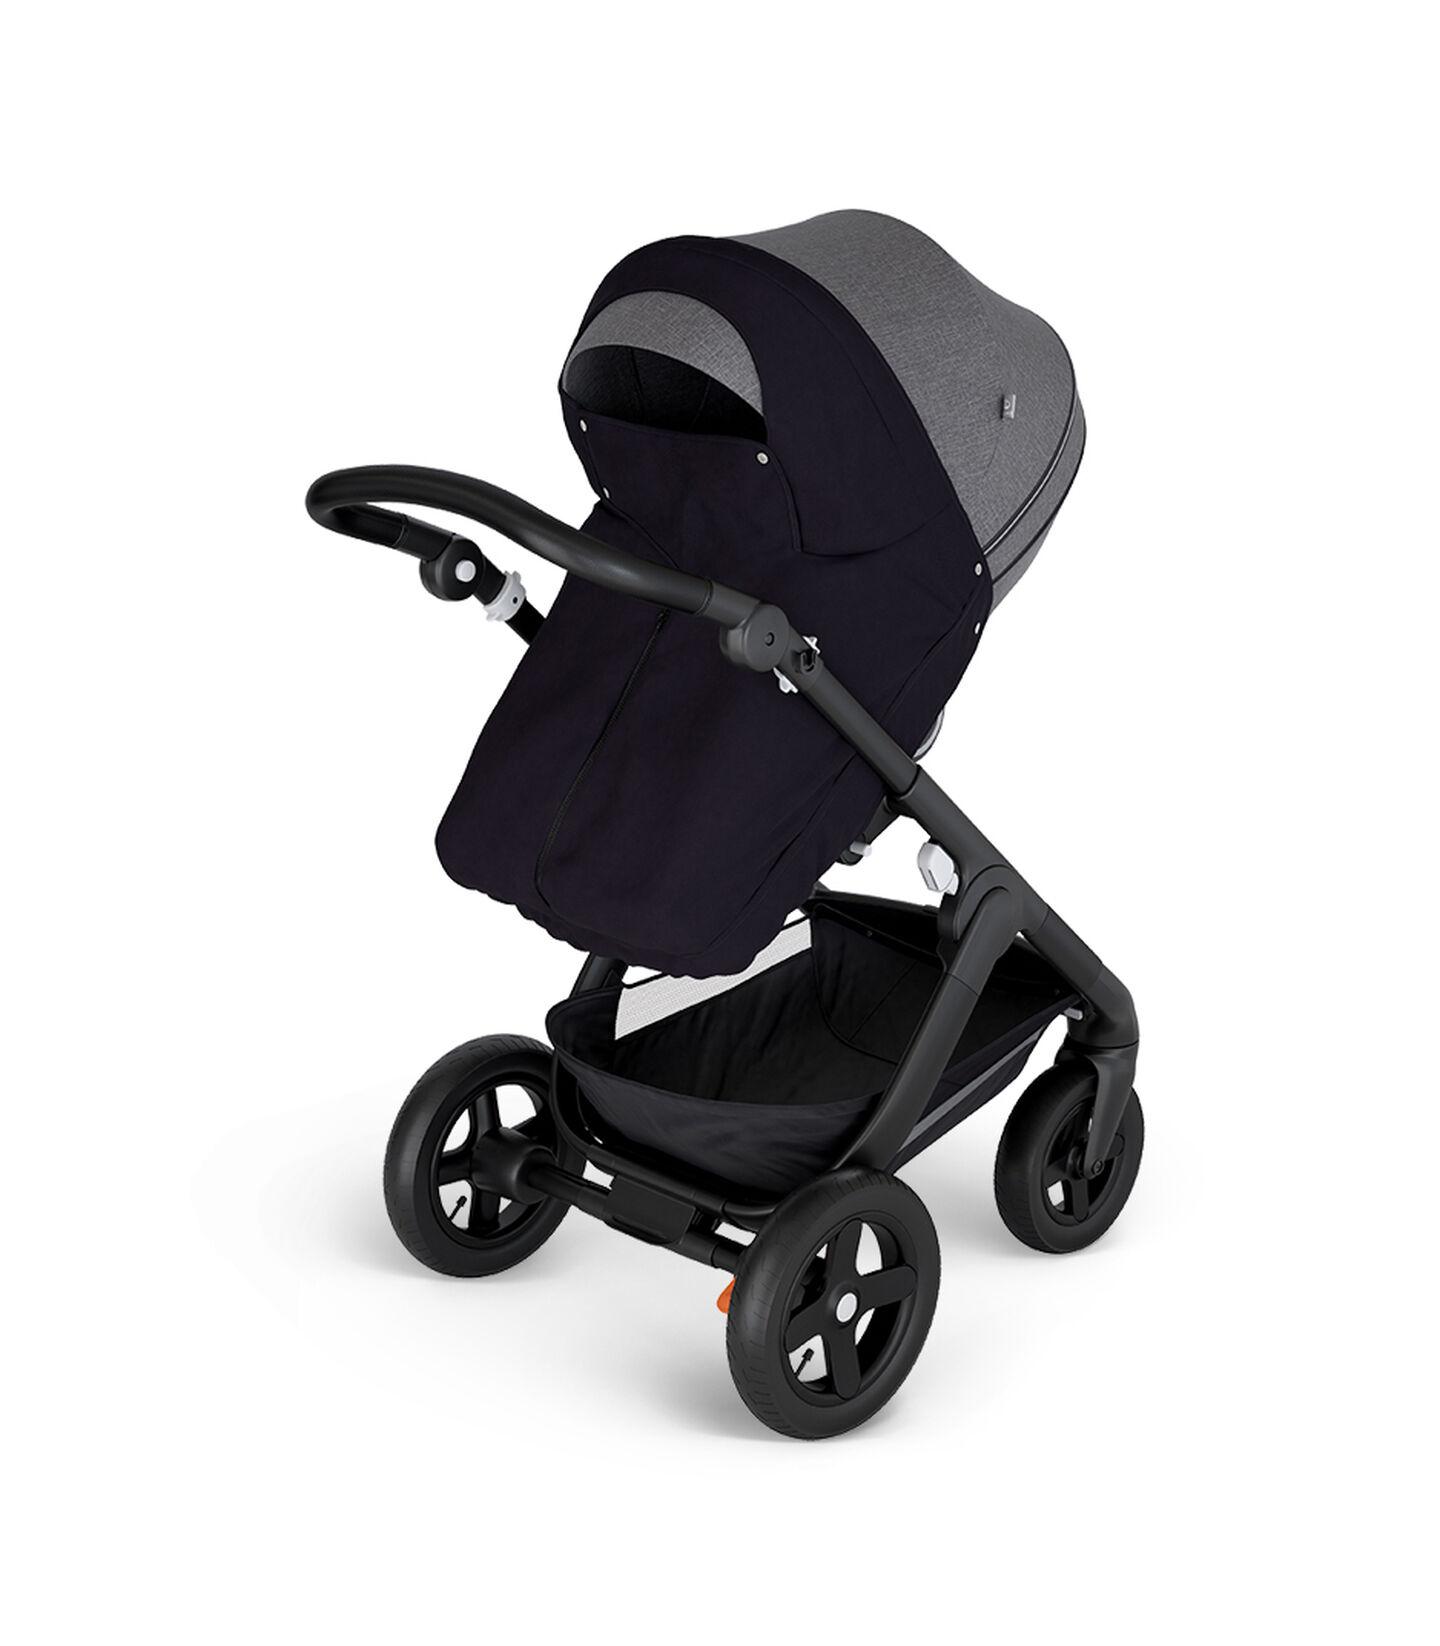 Stokke® Trailz™ with Black Chassis and Stokke® Stroller Seat Black Melange. Stokke® Stroller Storm Cover, Black.